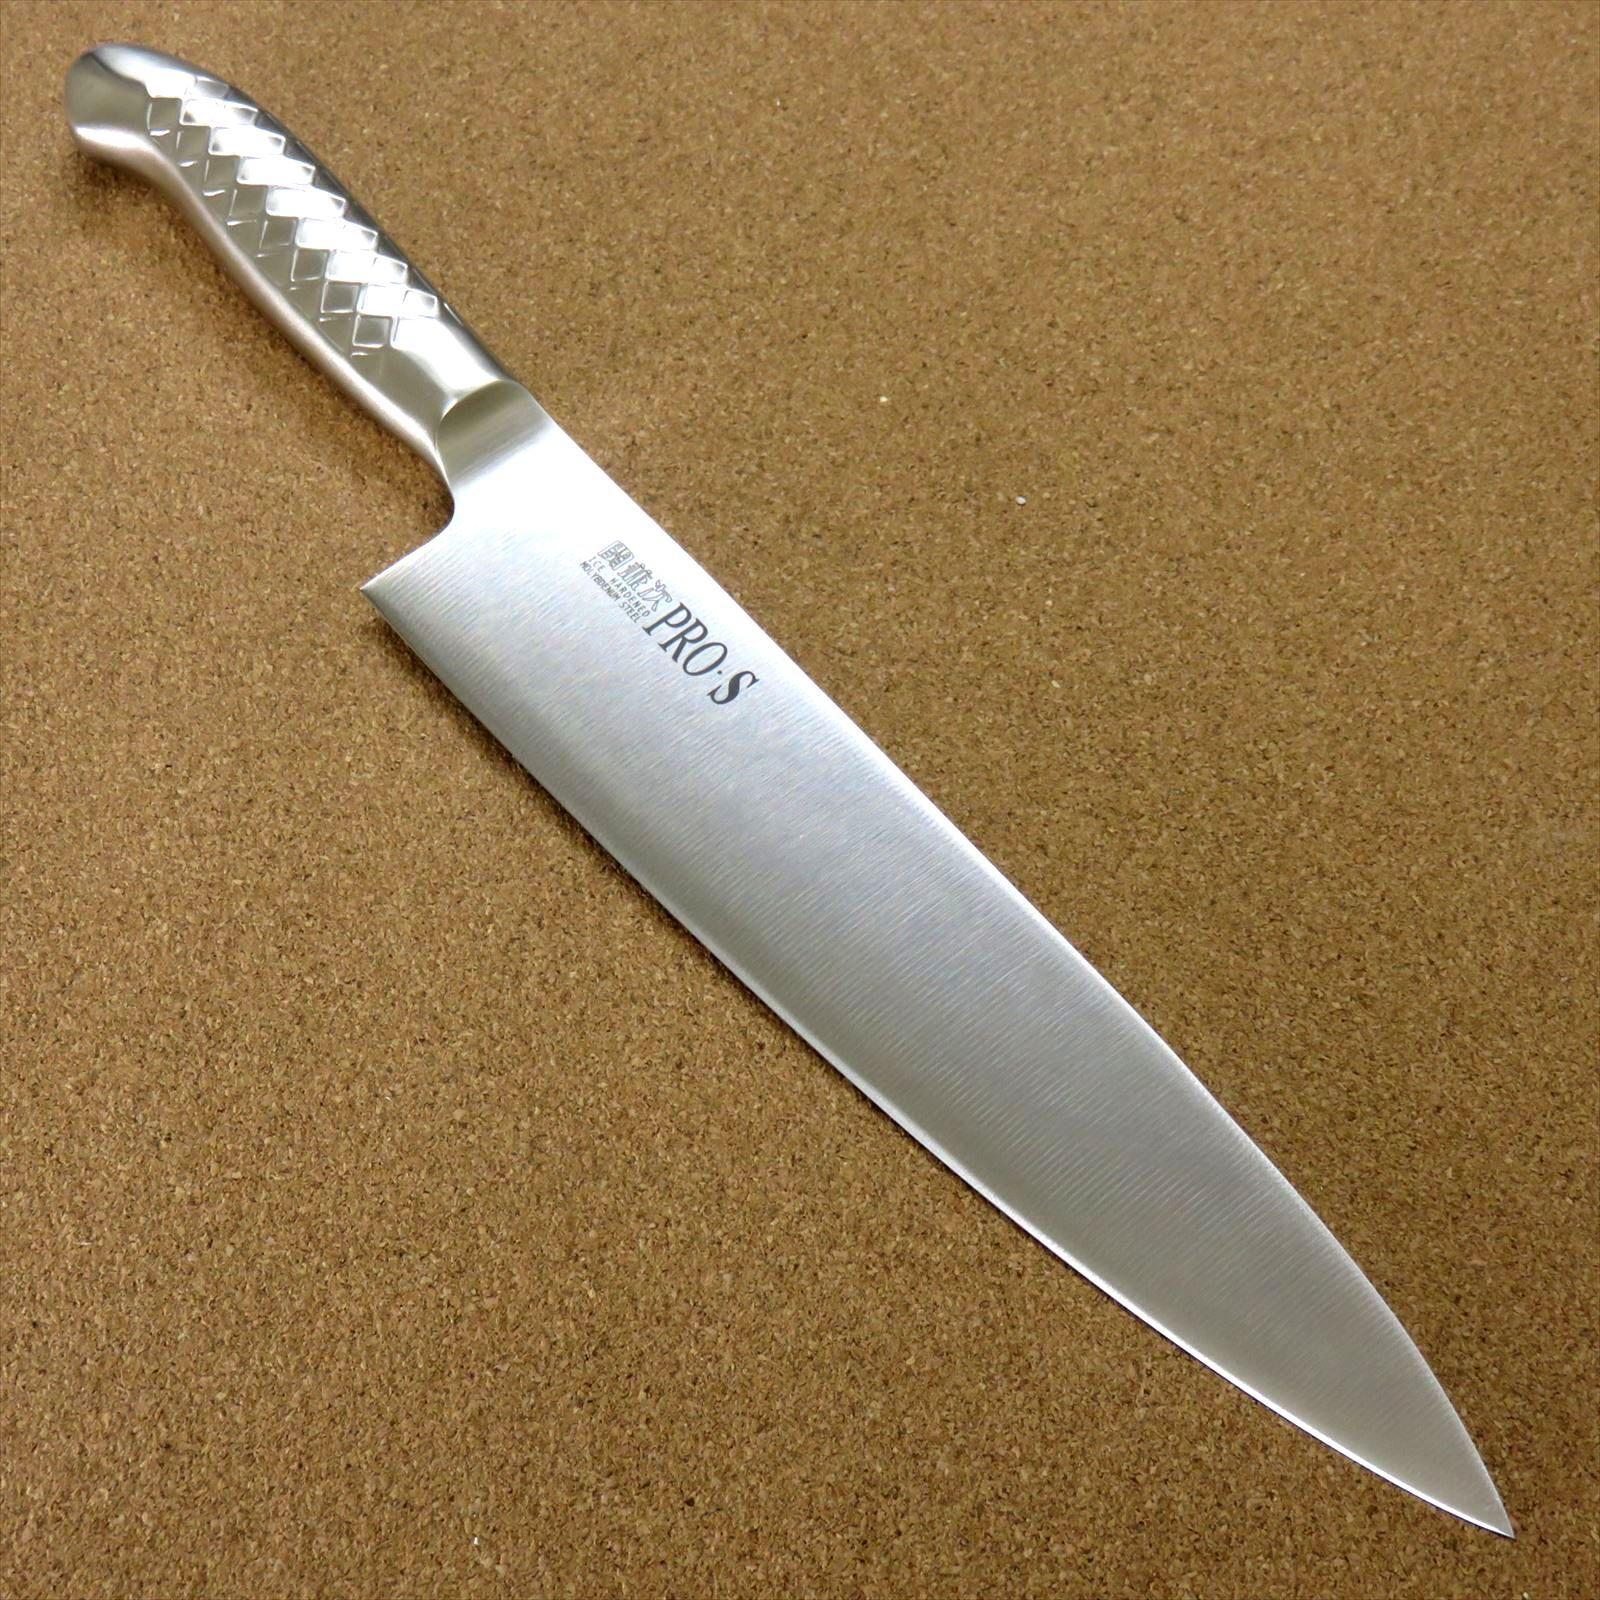 Japanese Pro-S Cuisine GYUTO Couteau de cuisine 9.4 in (environ 23.88 cm) Acier Inoxydable Poignée SEKI JAPAN